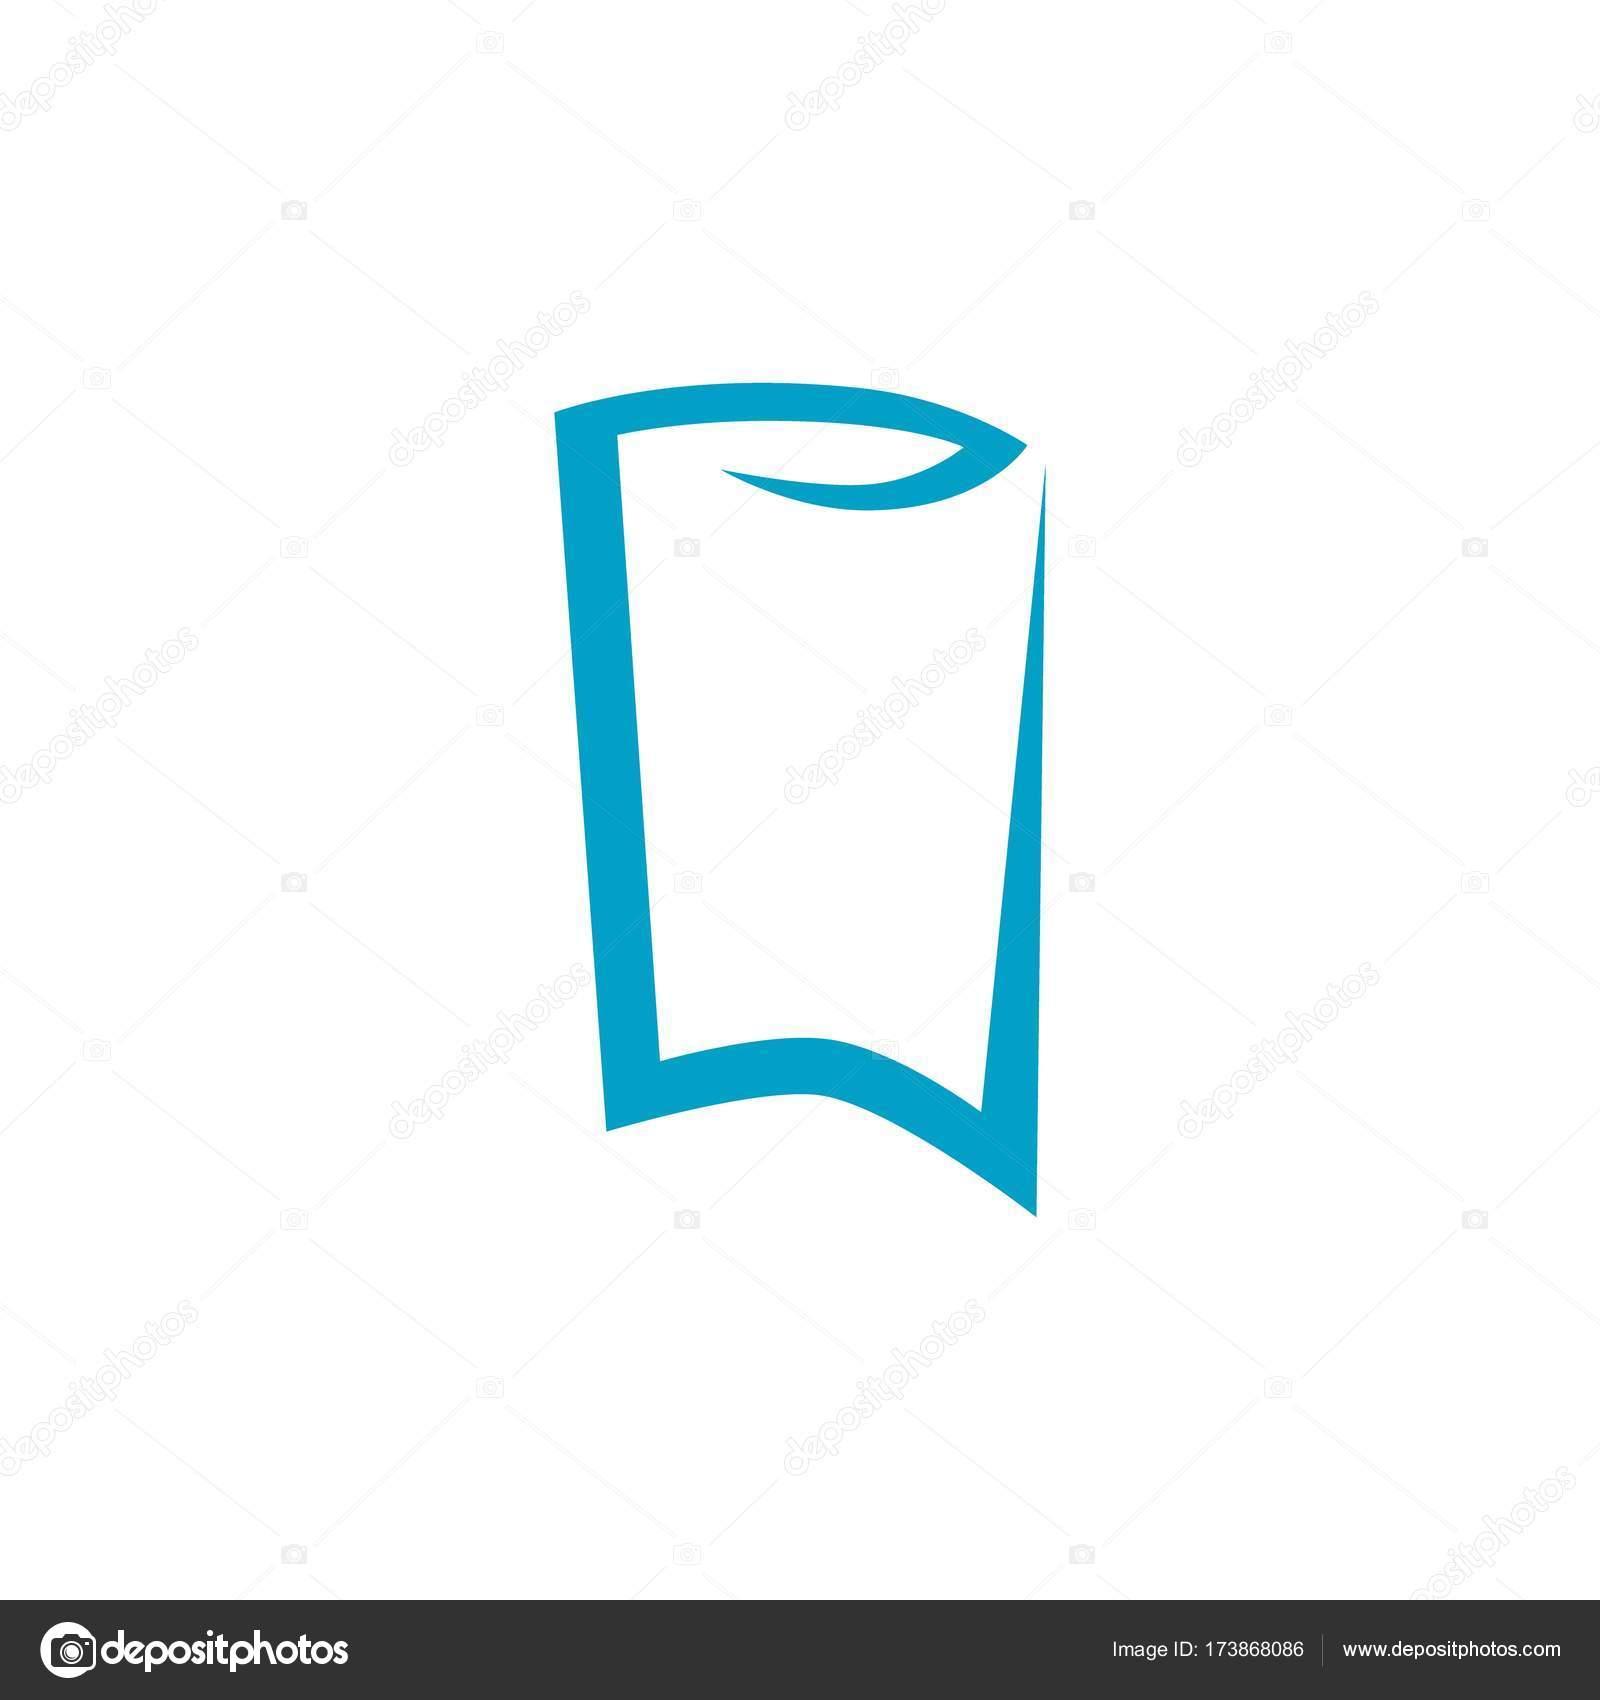 Beyaz Arka Plan üzerinde Soyut Diş Logosu Stok Vektör Umbrosus